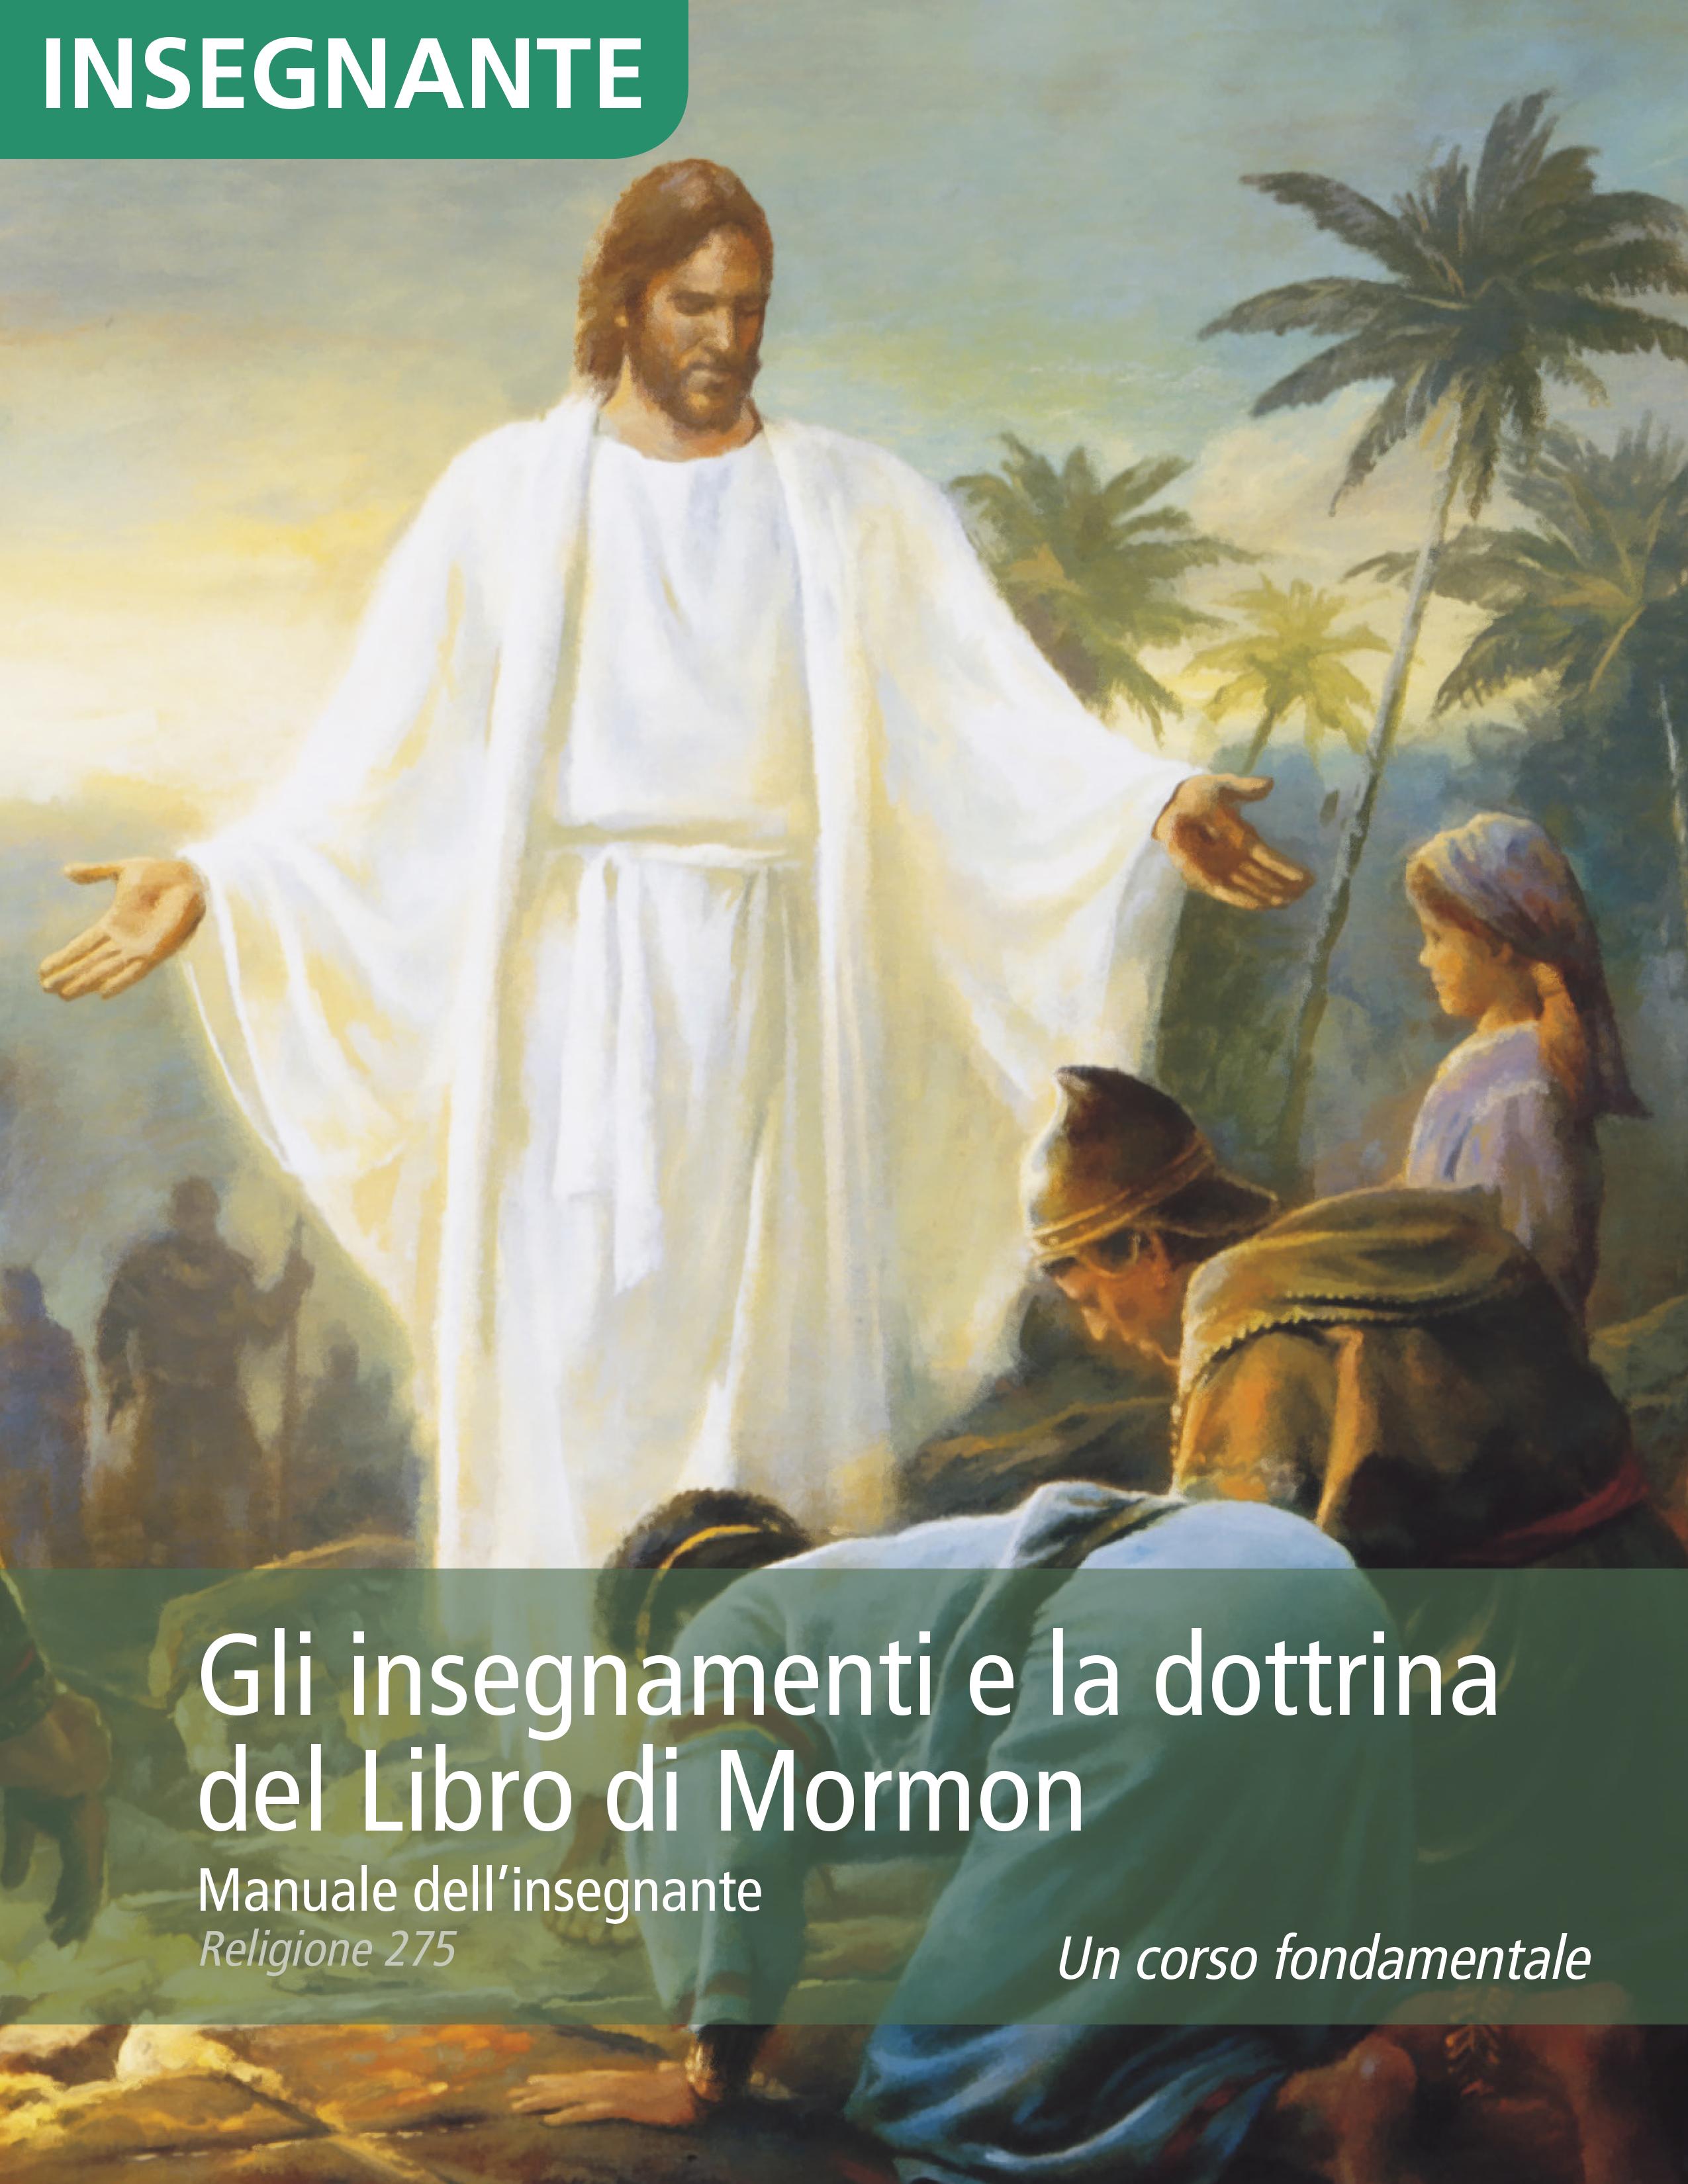 Gli insegnamenti e la dottrina del Libro di Mormon – Manuale dell'insegnante (Religione 275)